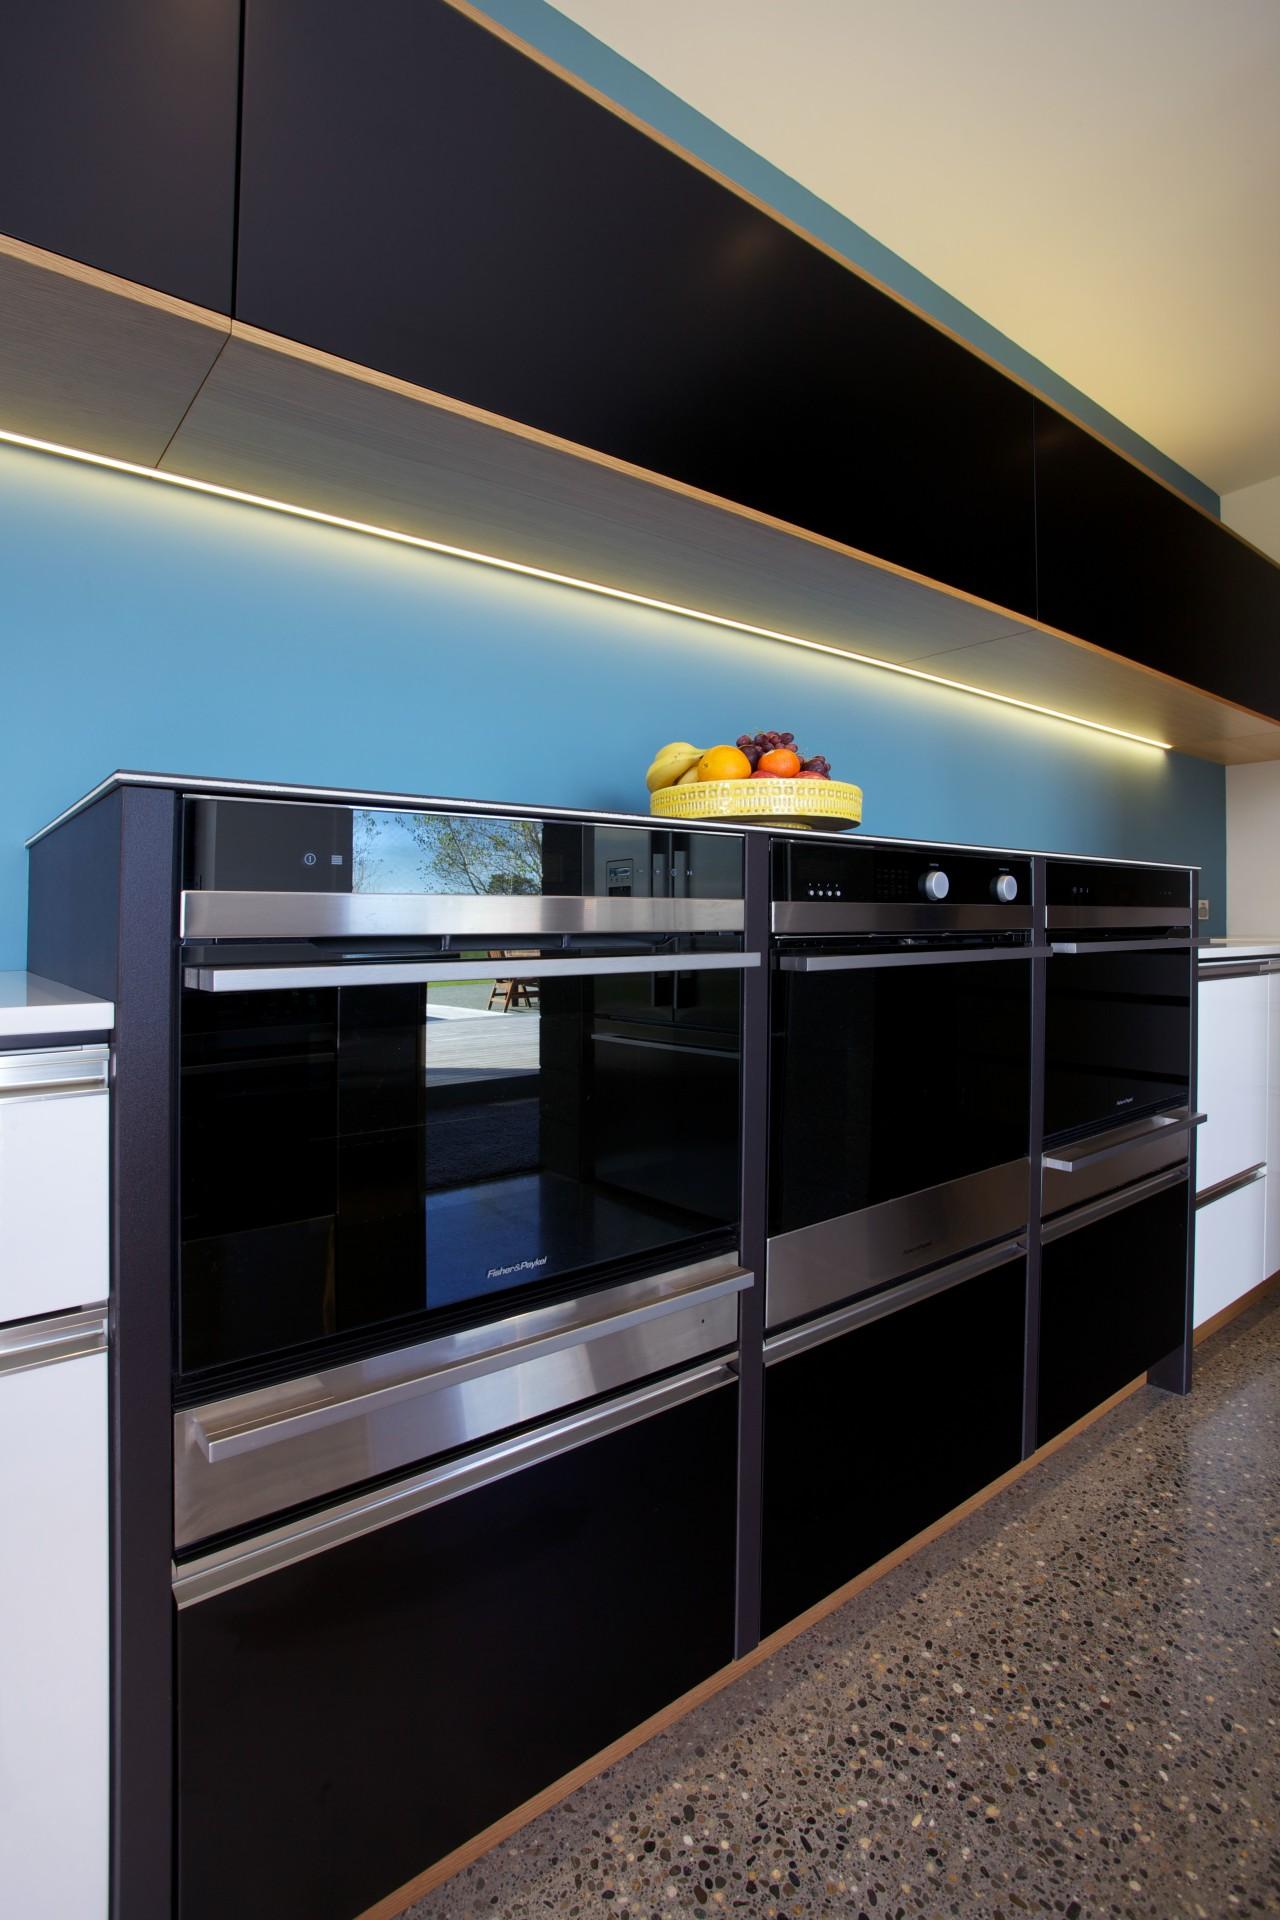 NKBA NZ award-winning kitchen 2014 with Fisher & countertop, interior design, kitchen, black